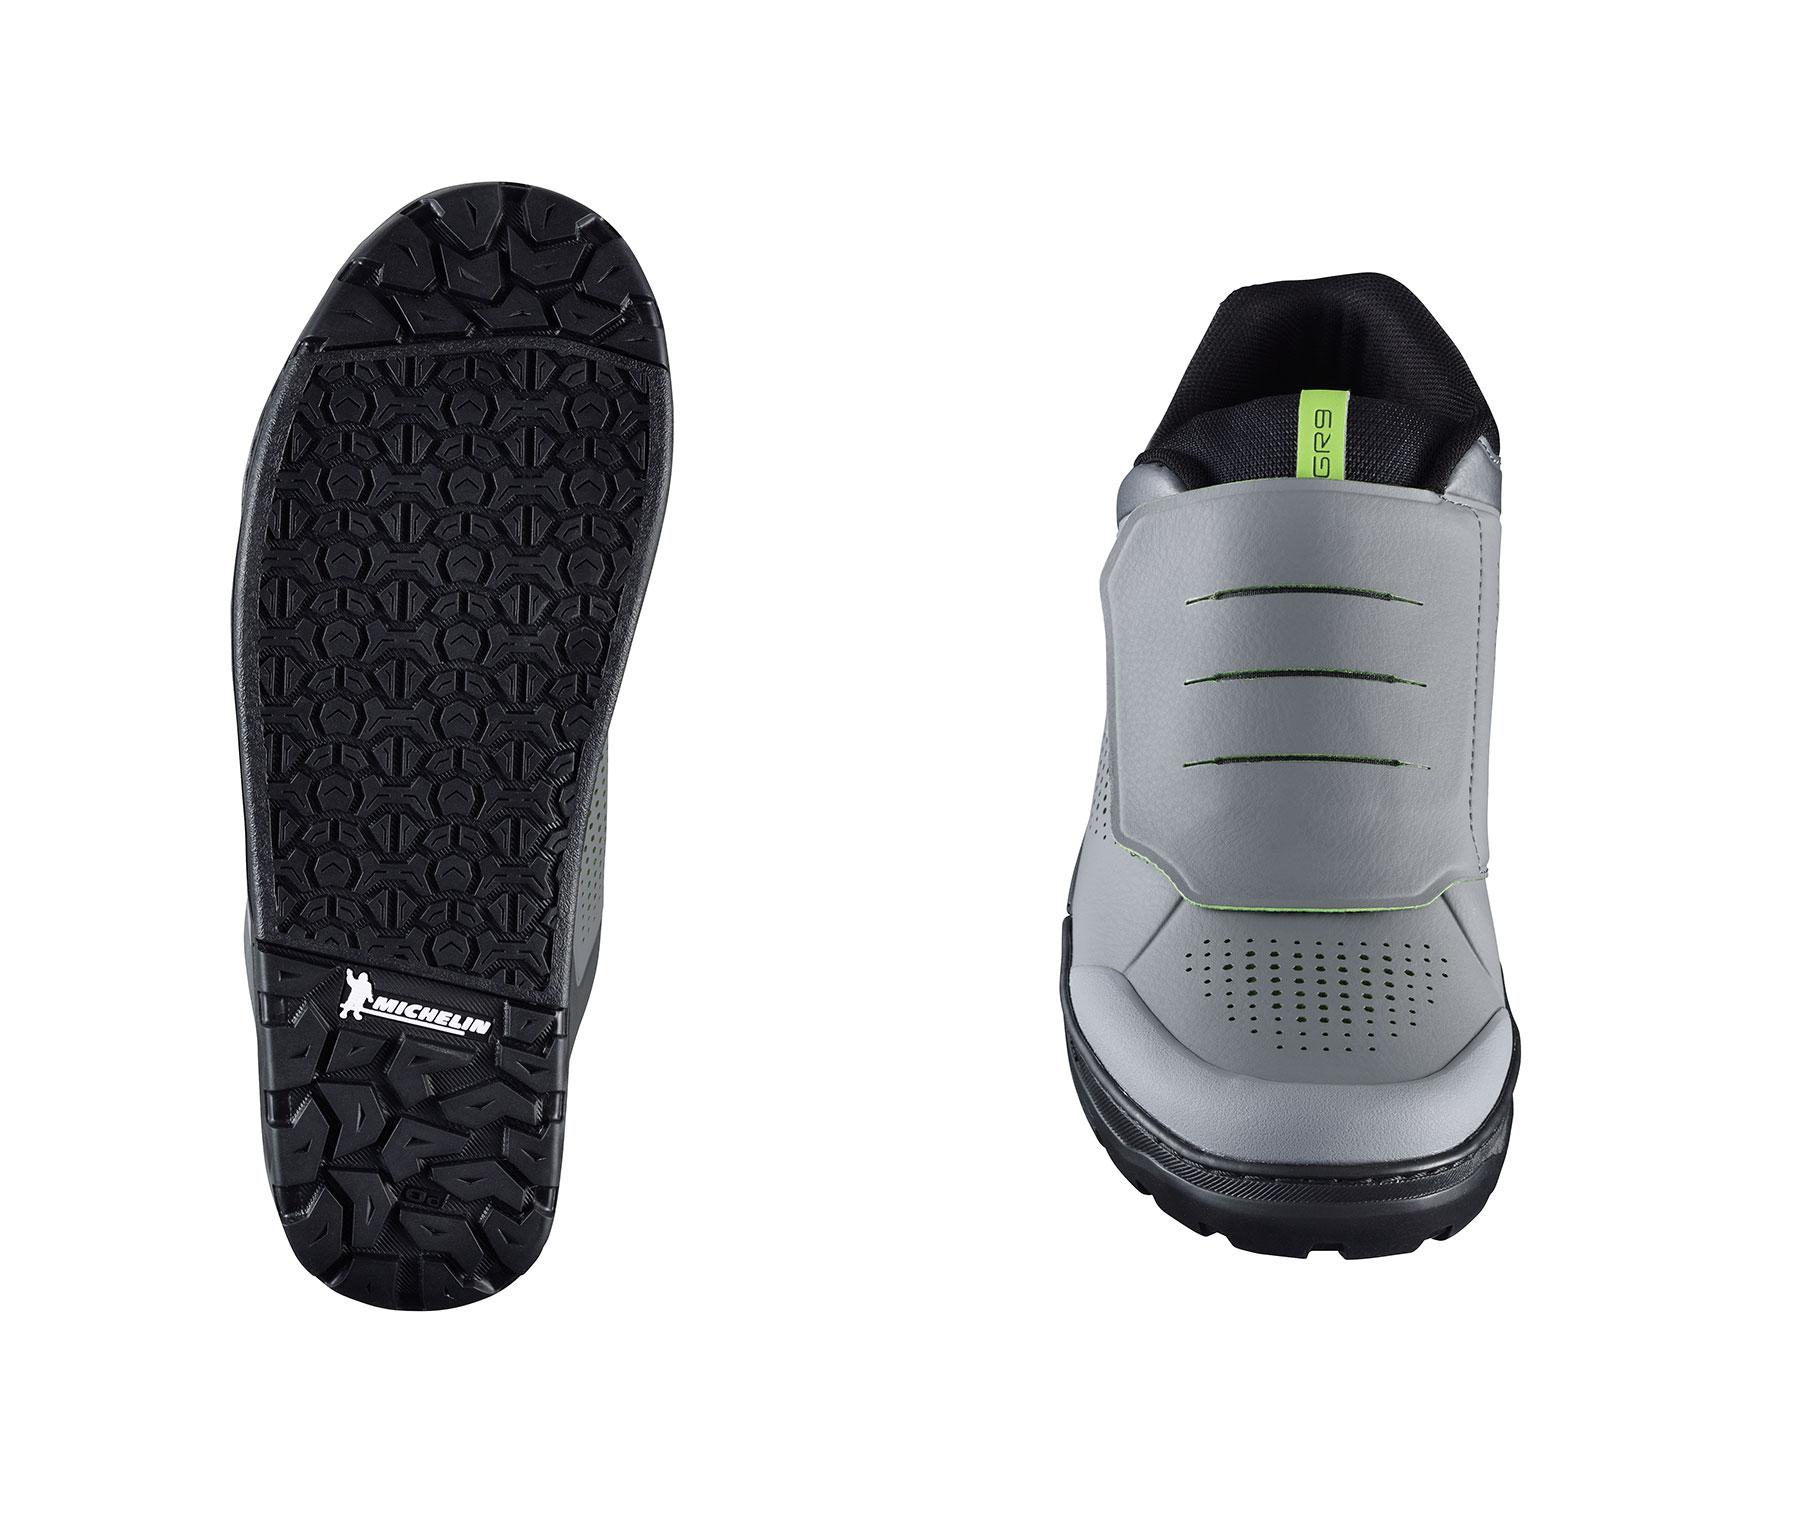 Zapatillas Shimano GR-900